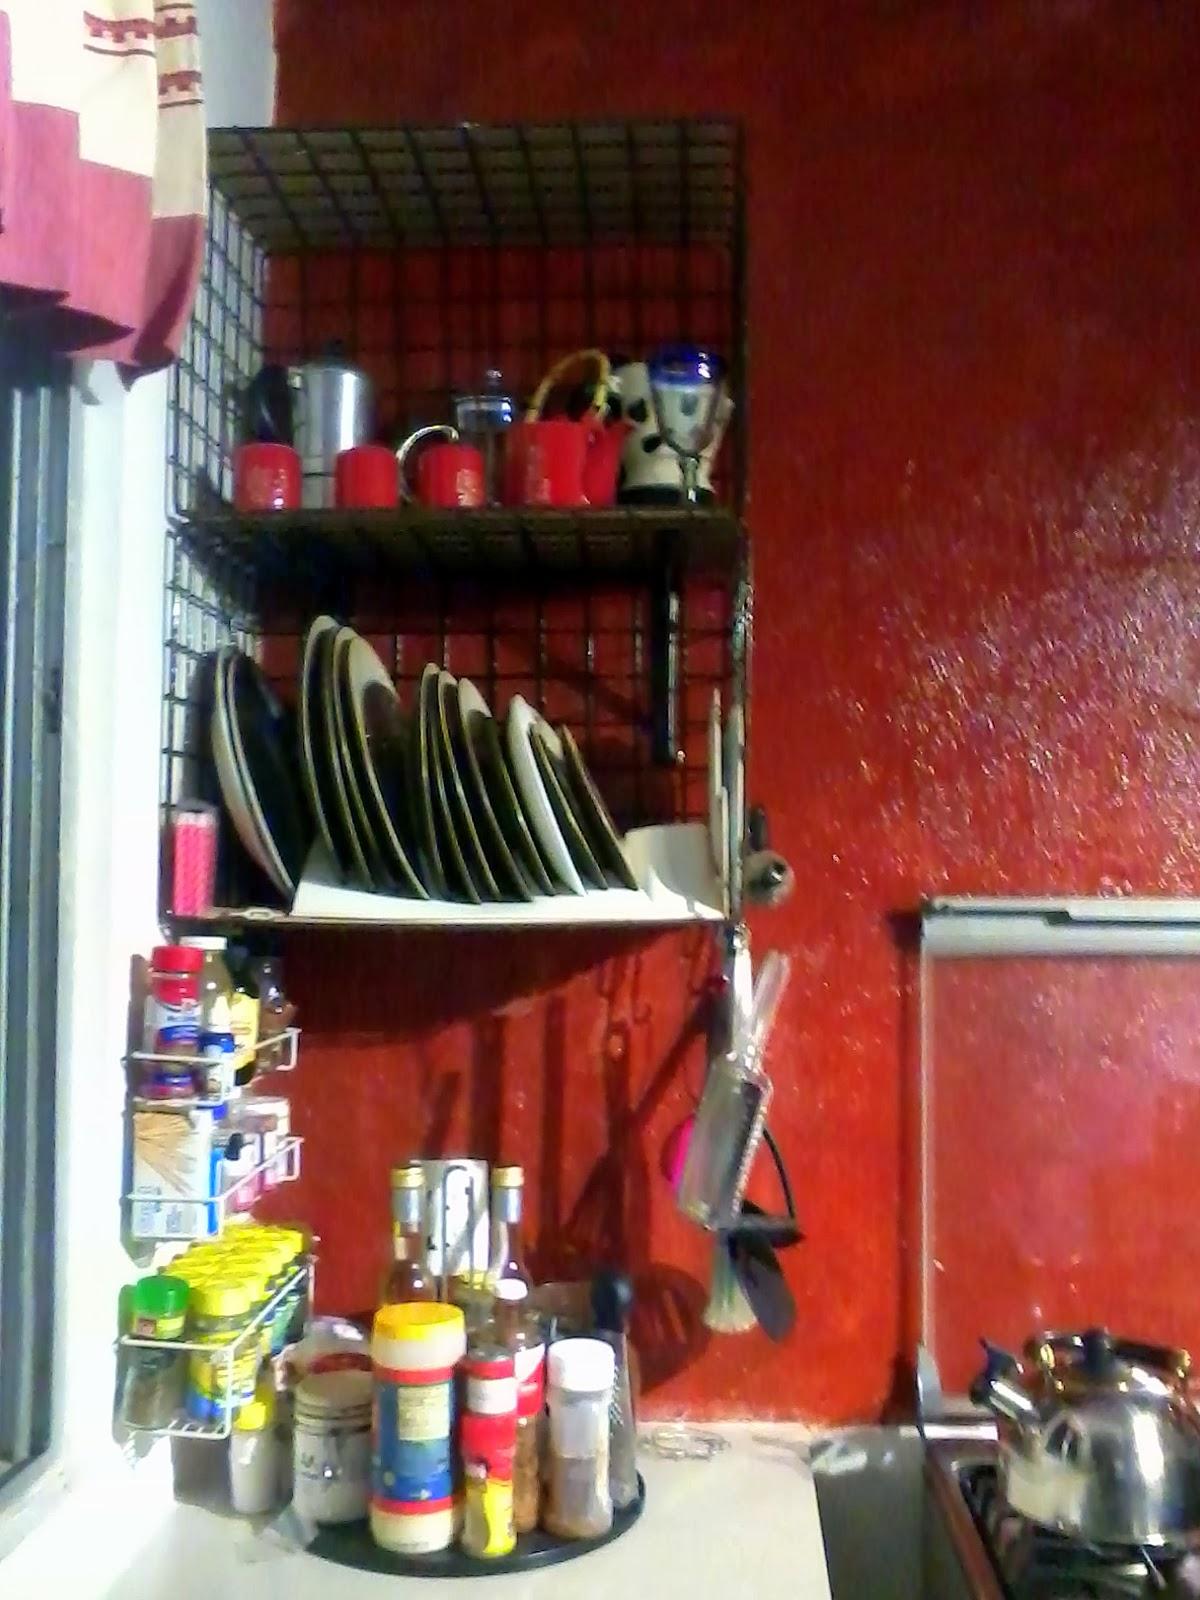 Mi Cocina Estantes De Reuso Y Decoraci N De Barra